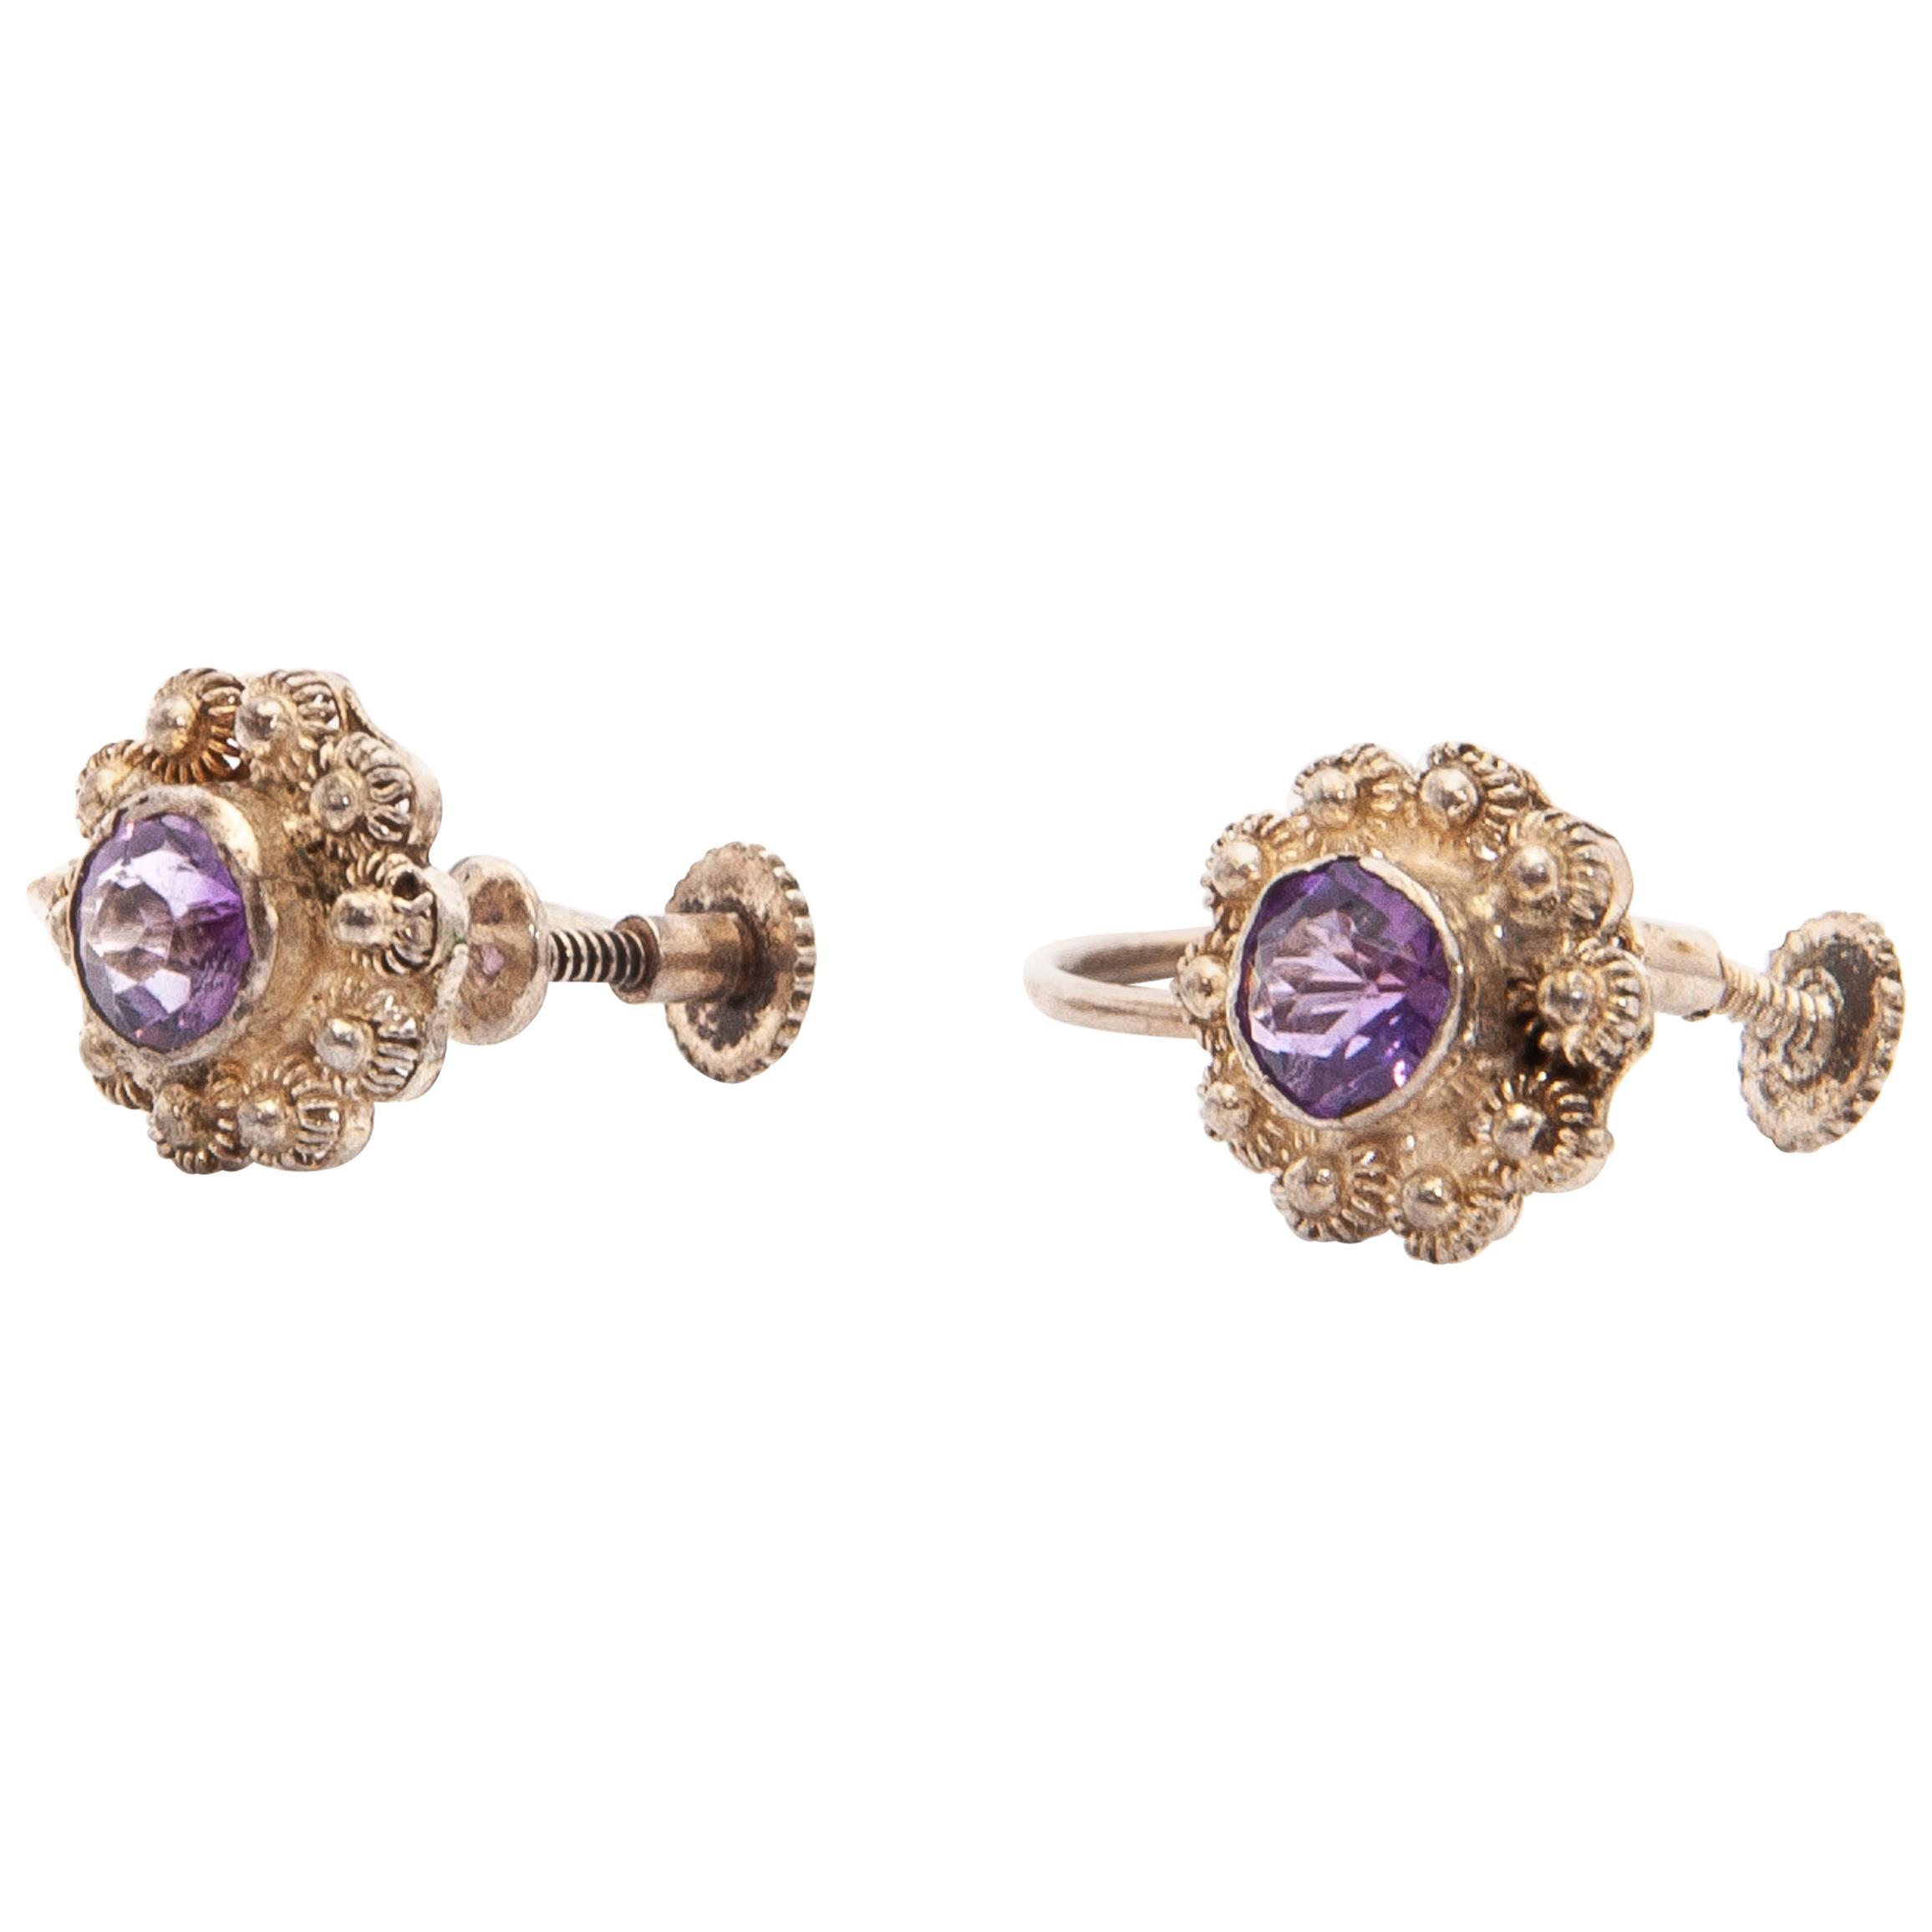 Silver Amethyst Stud Earrings and Bracelet Jewelry Set